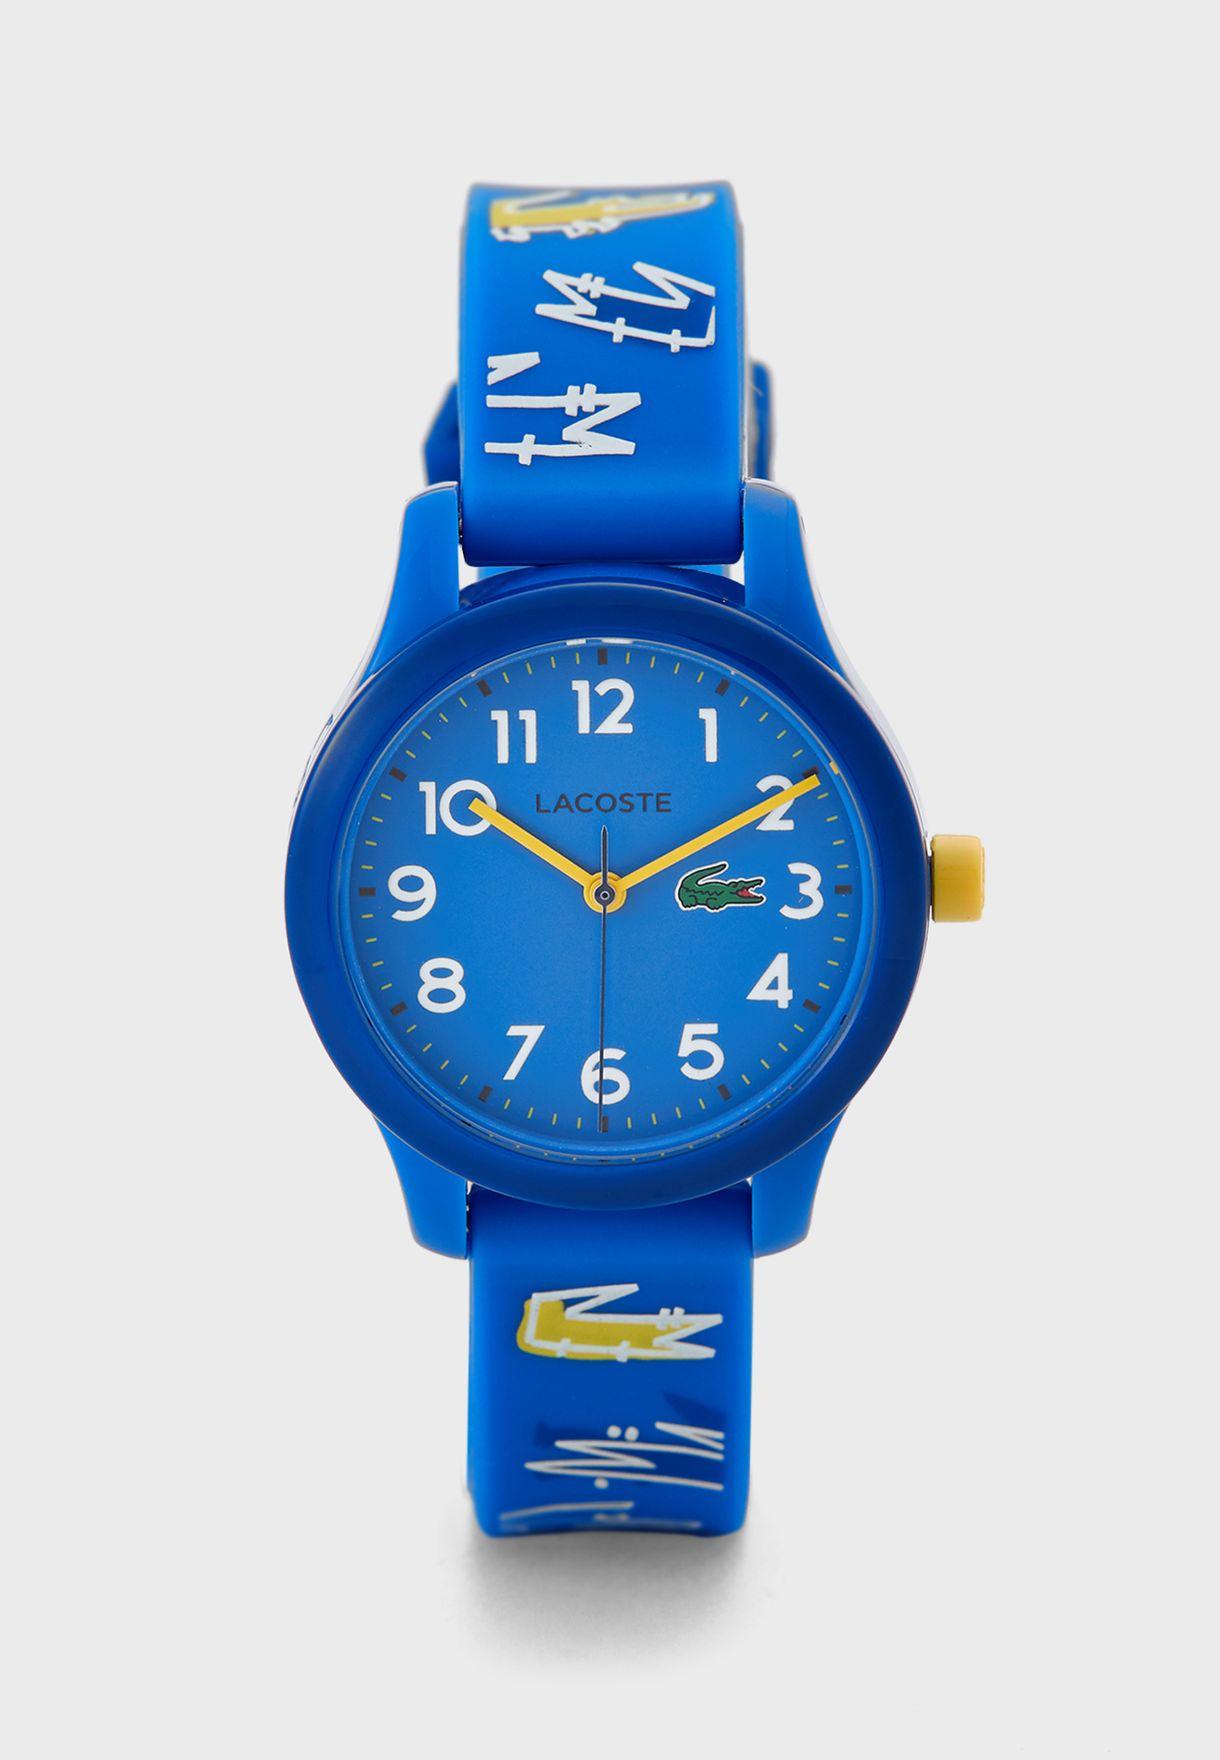 ساعة اطفال مزينة بشعار الماركة